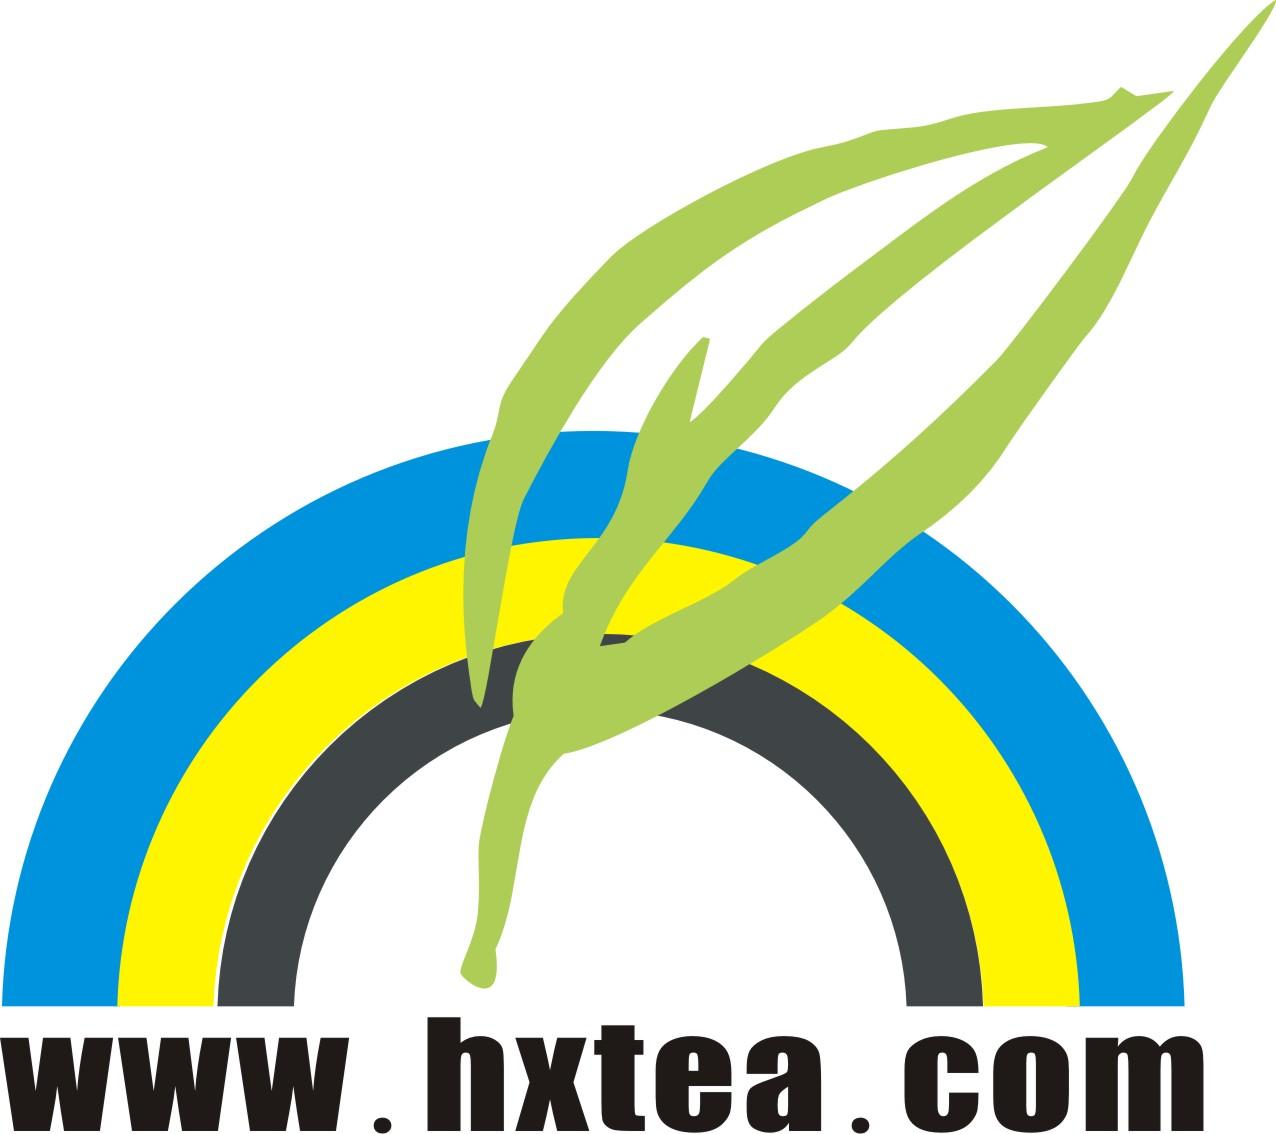 )----即將打造成海峽兩岸最大的茶葉交流、交易平臺,網站建成后將為中國茶葉、兩岸茶商提供一個走向世界的窗口,現網站建設中,緊急征集網站LOGO,設計風格不限,自由發揮,中標作品請提交完整的、可用的矢量圖形源文件,并考慮適用于名片制作等。  【客戶聯系方式】 見二樓 【重要說明】